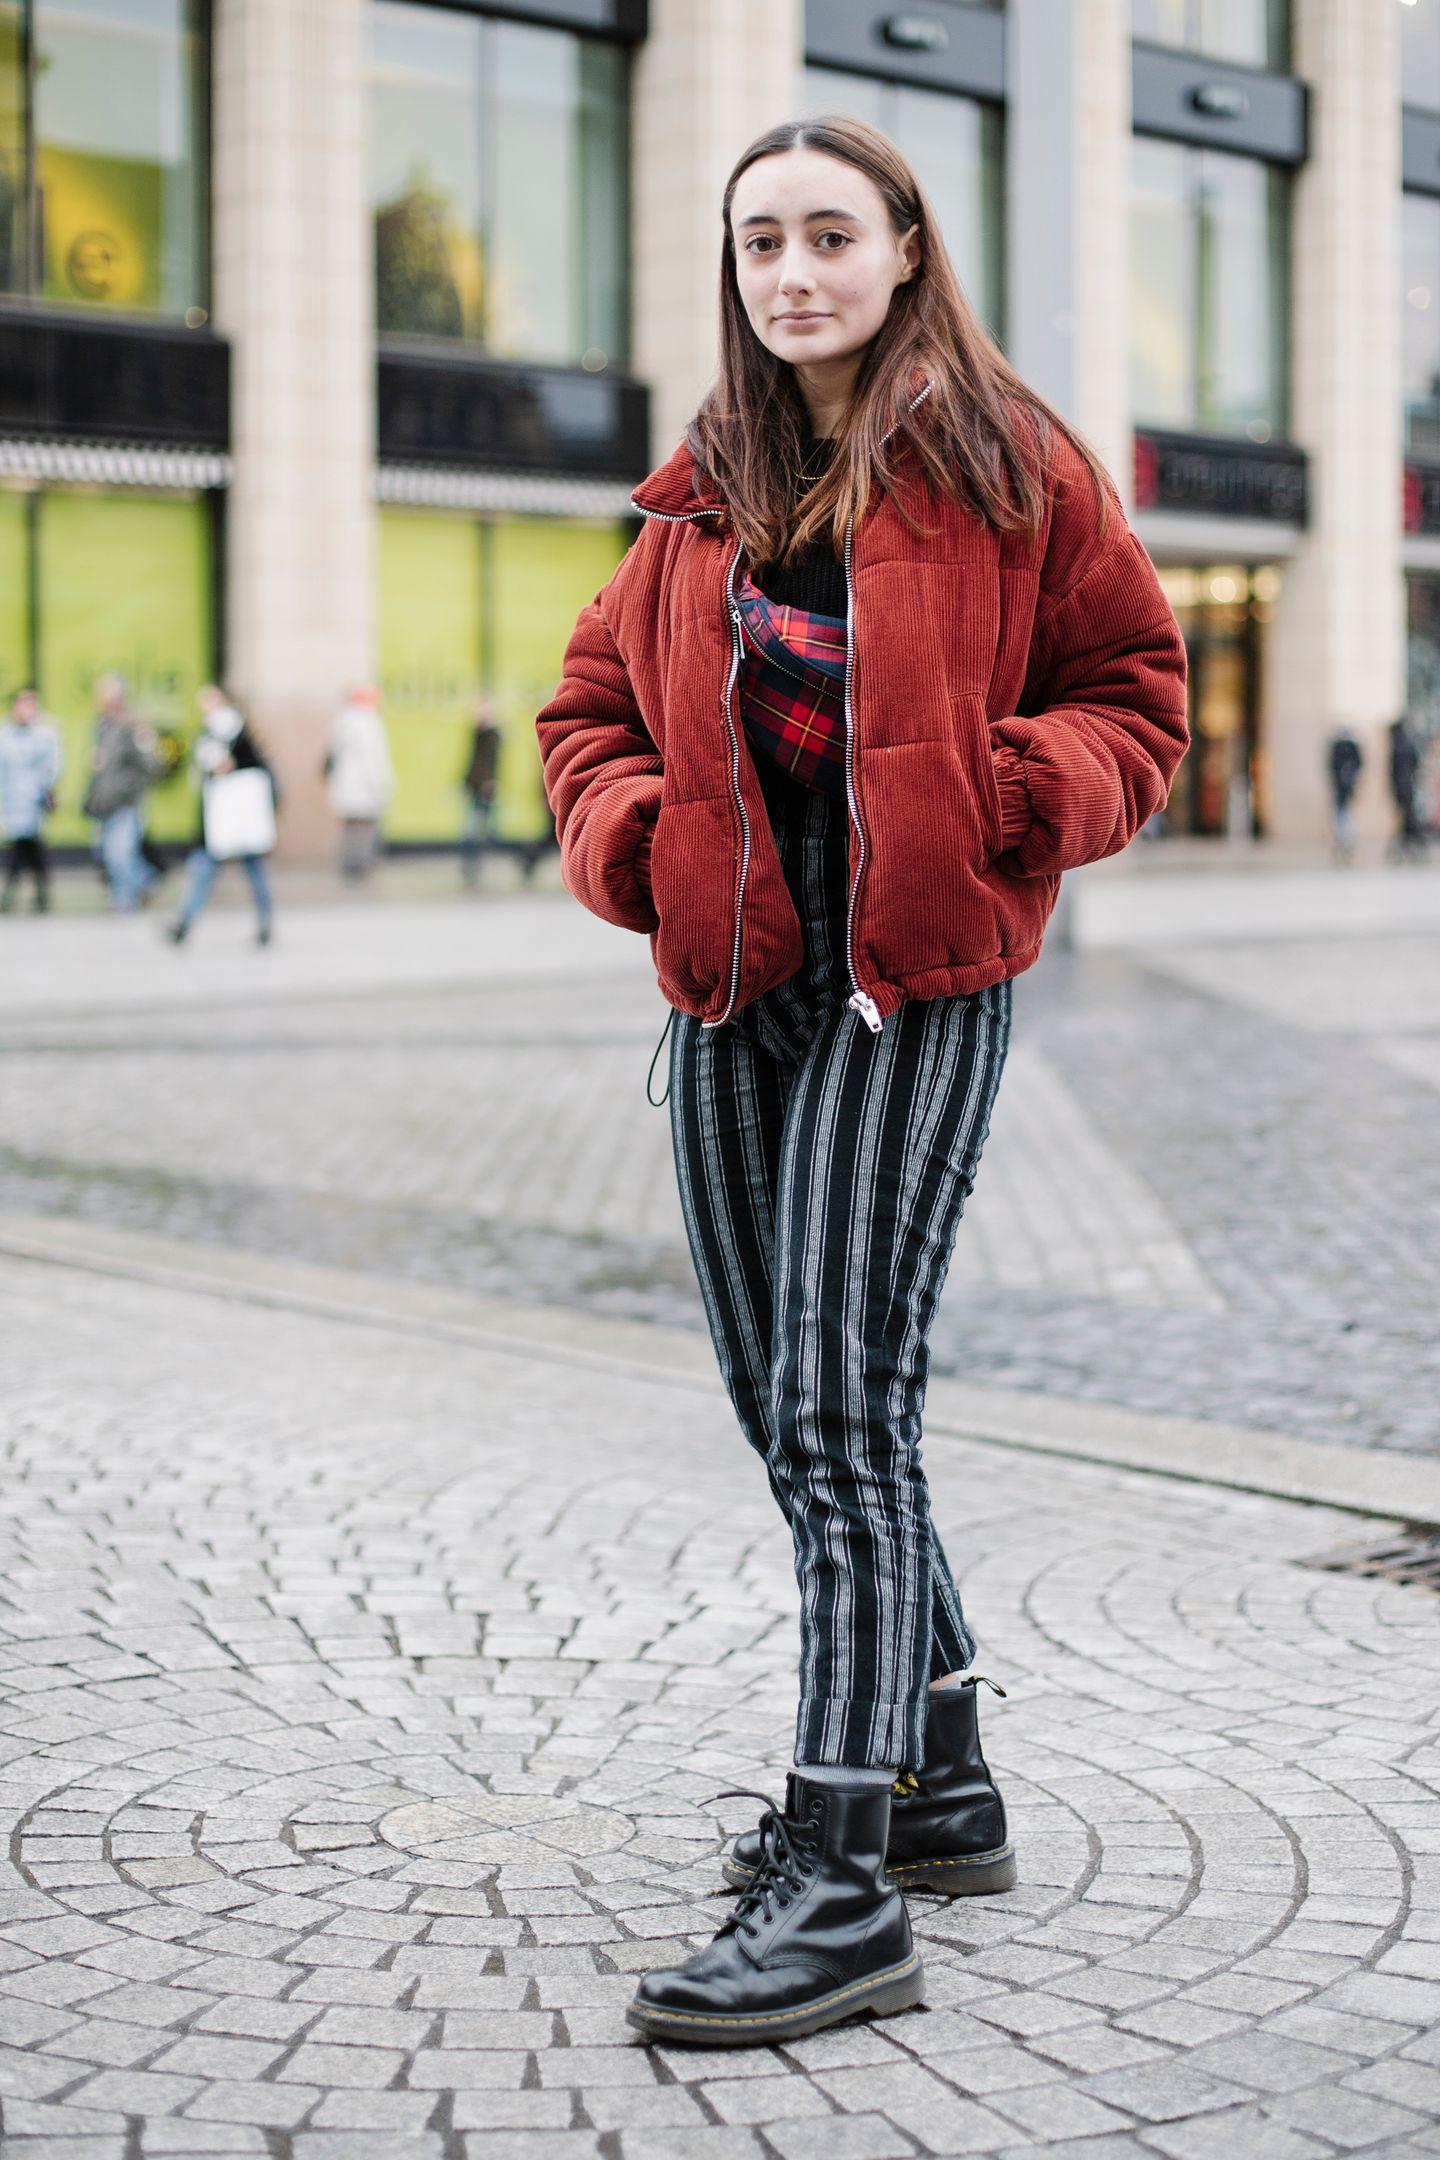 NEON-Streetstyle: Luisa aus Leipzig